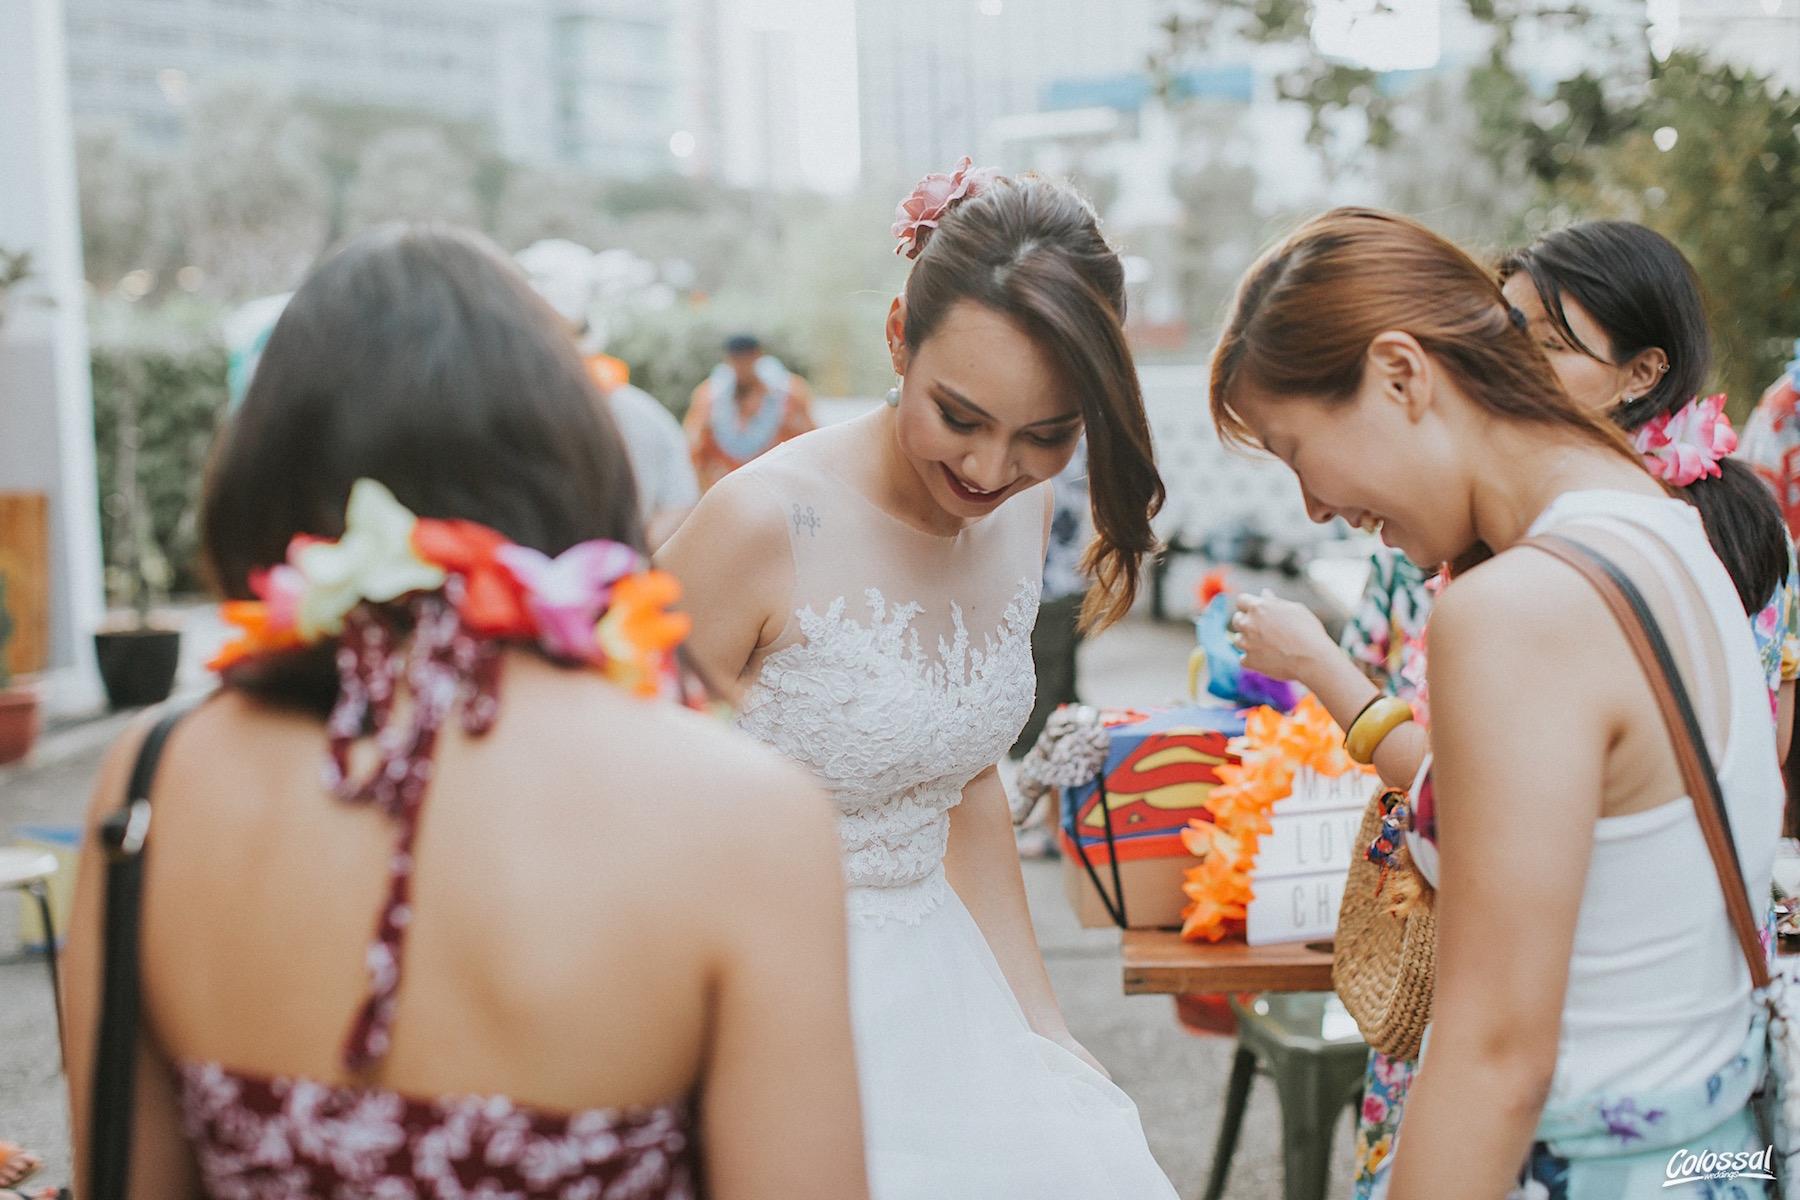 MartinChanel_ColossalWeddings025_WeddingParty.jpg